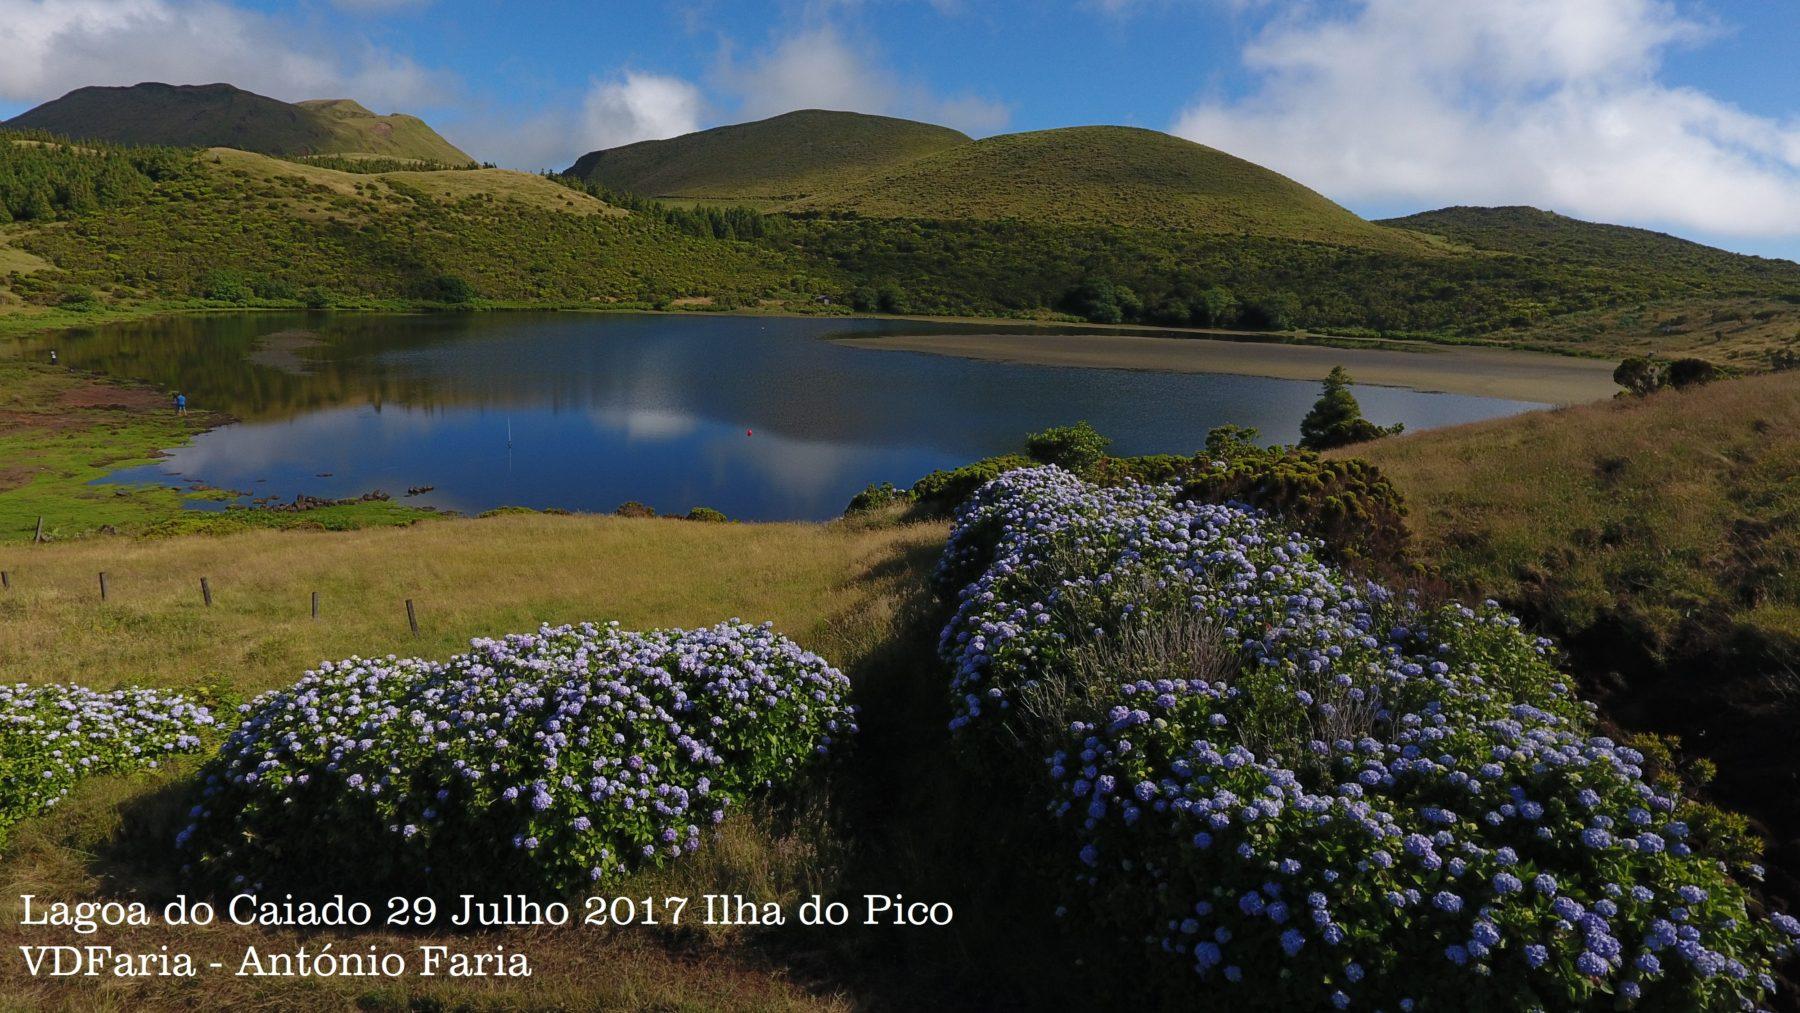 Lagoa do Caiado, Ilha do Pico